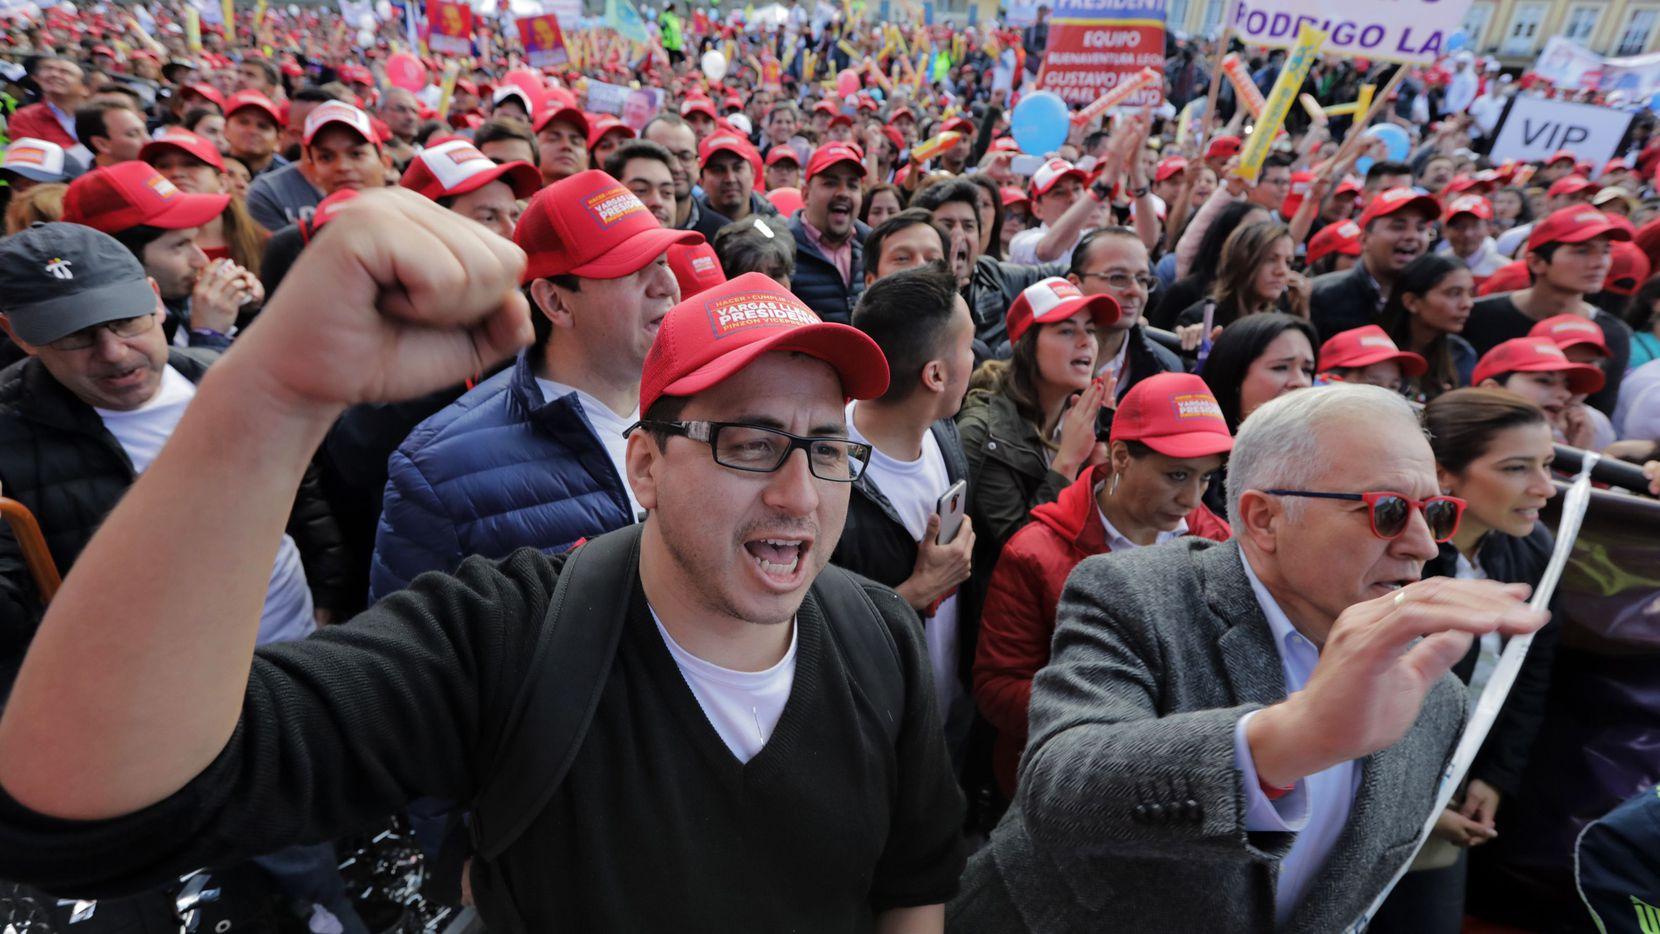 SImpatizantes del candidato presidencia German Vargas durante el cierre de campaña en Colombia que el domingo va a las urnas. AFP-GETTY IMAGES